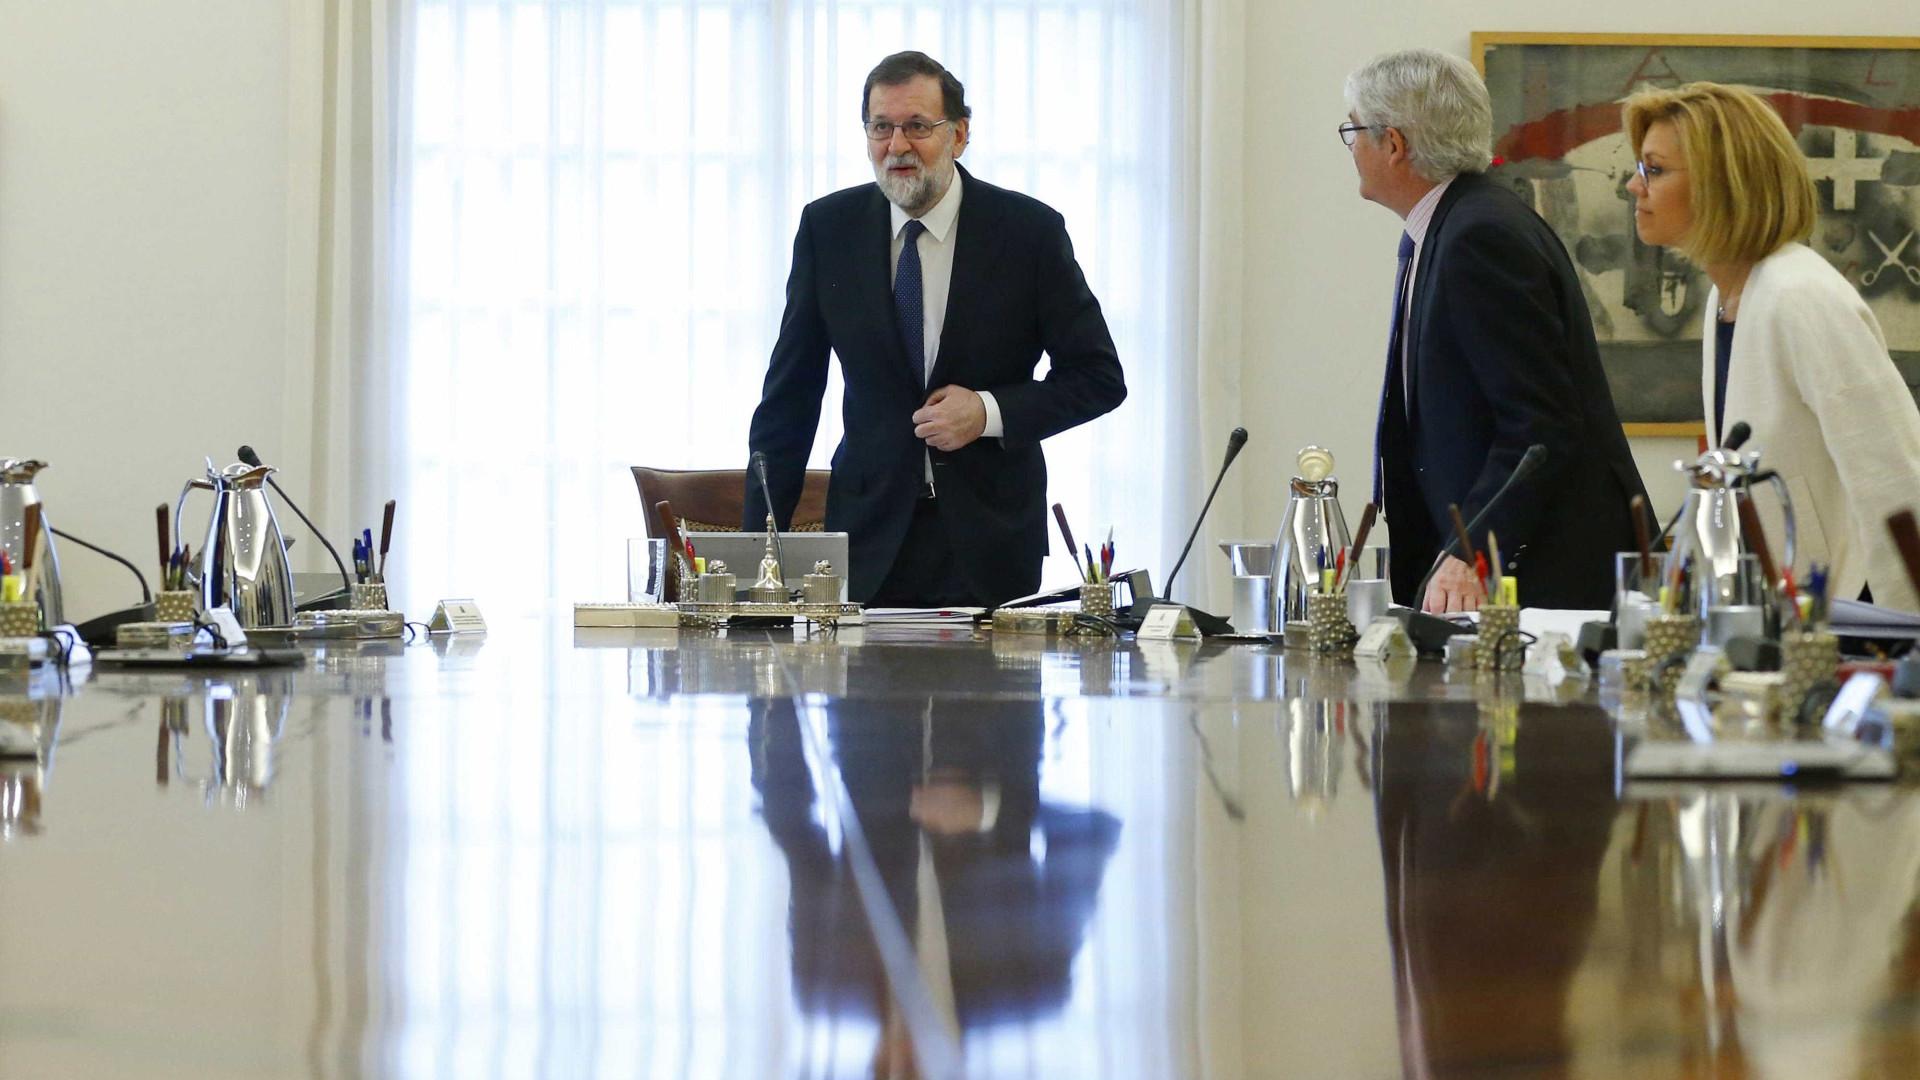 Venezuela condena encontro de Rajoy com dirigente da oposição